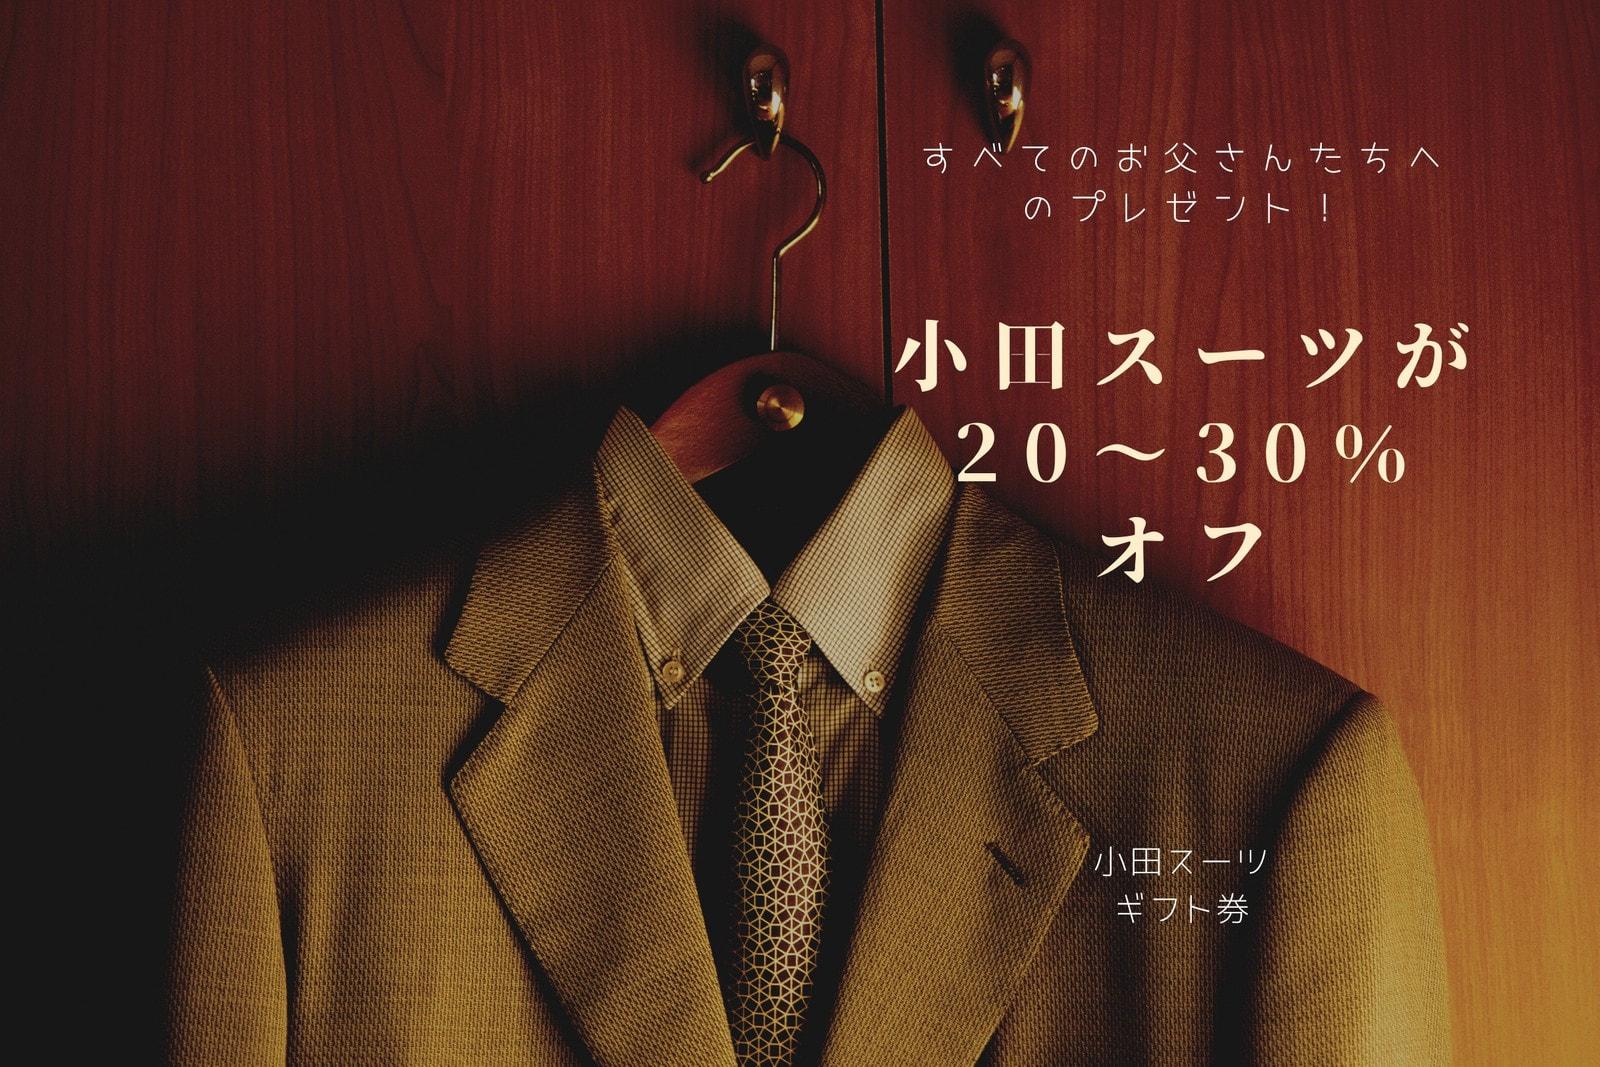 茶色 スーツ 写真 父の日 商品券